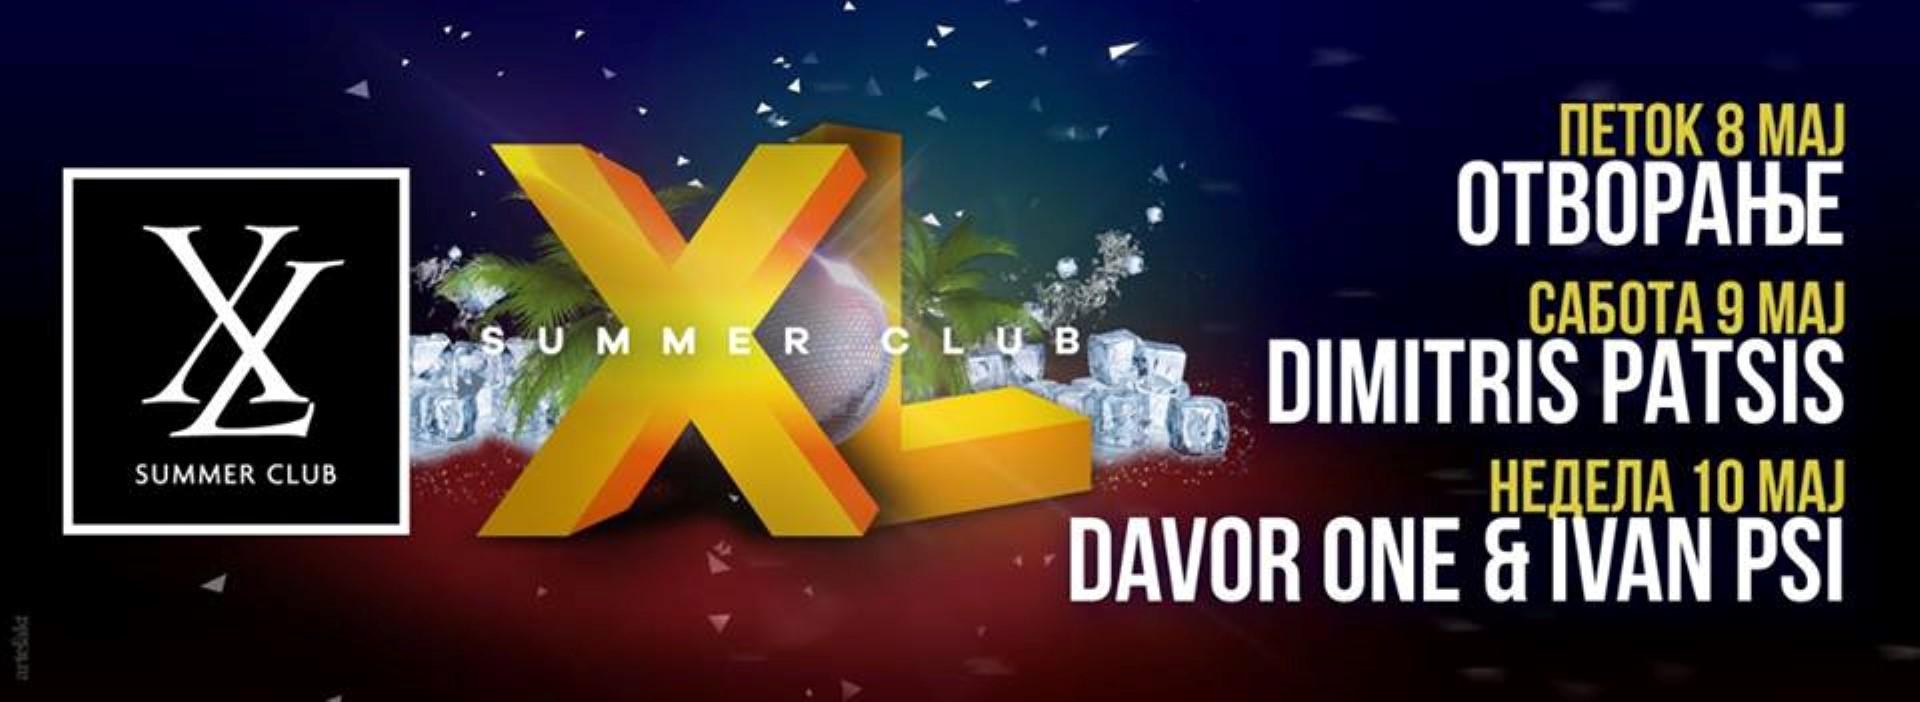 Вечерва спектакуларно отворање на летниот клуб XL во Градски парк